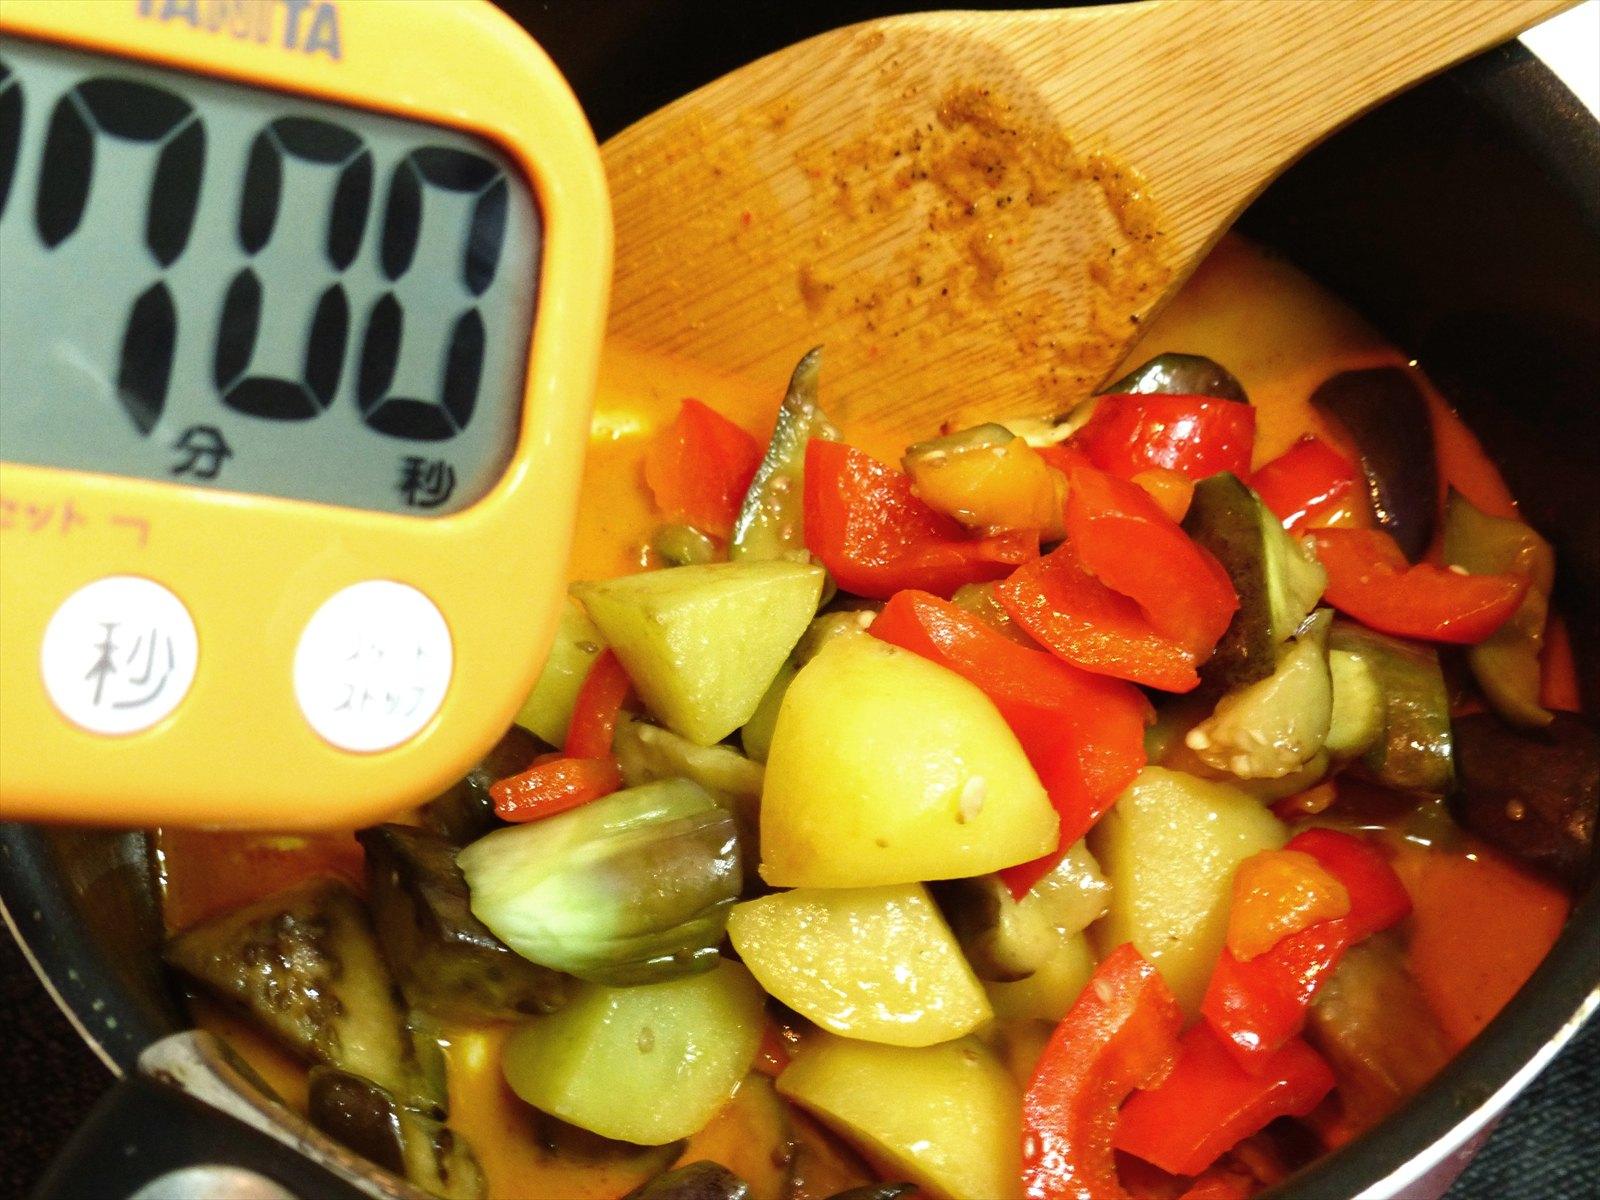 その後、炒めたお野菜達を鍋に投入。 7分程度中火で煮込んだら完成!